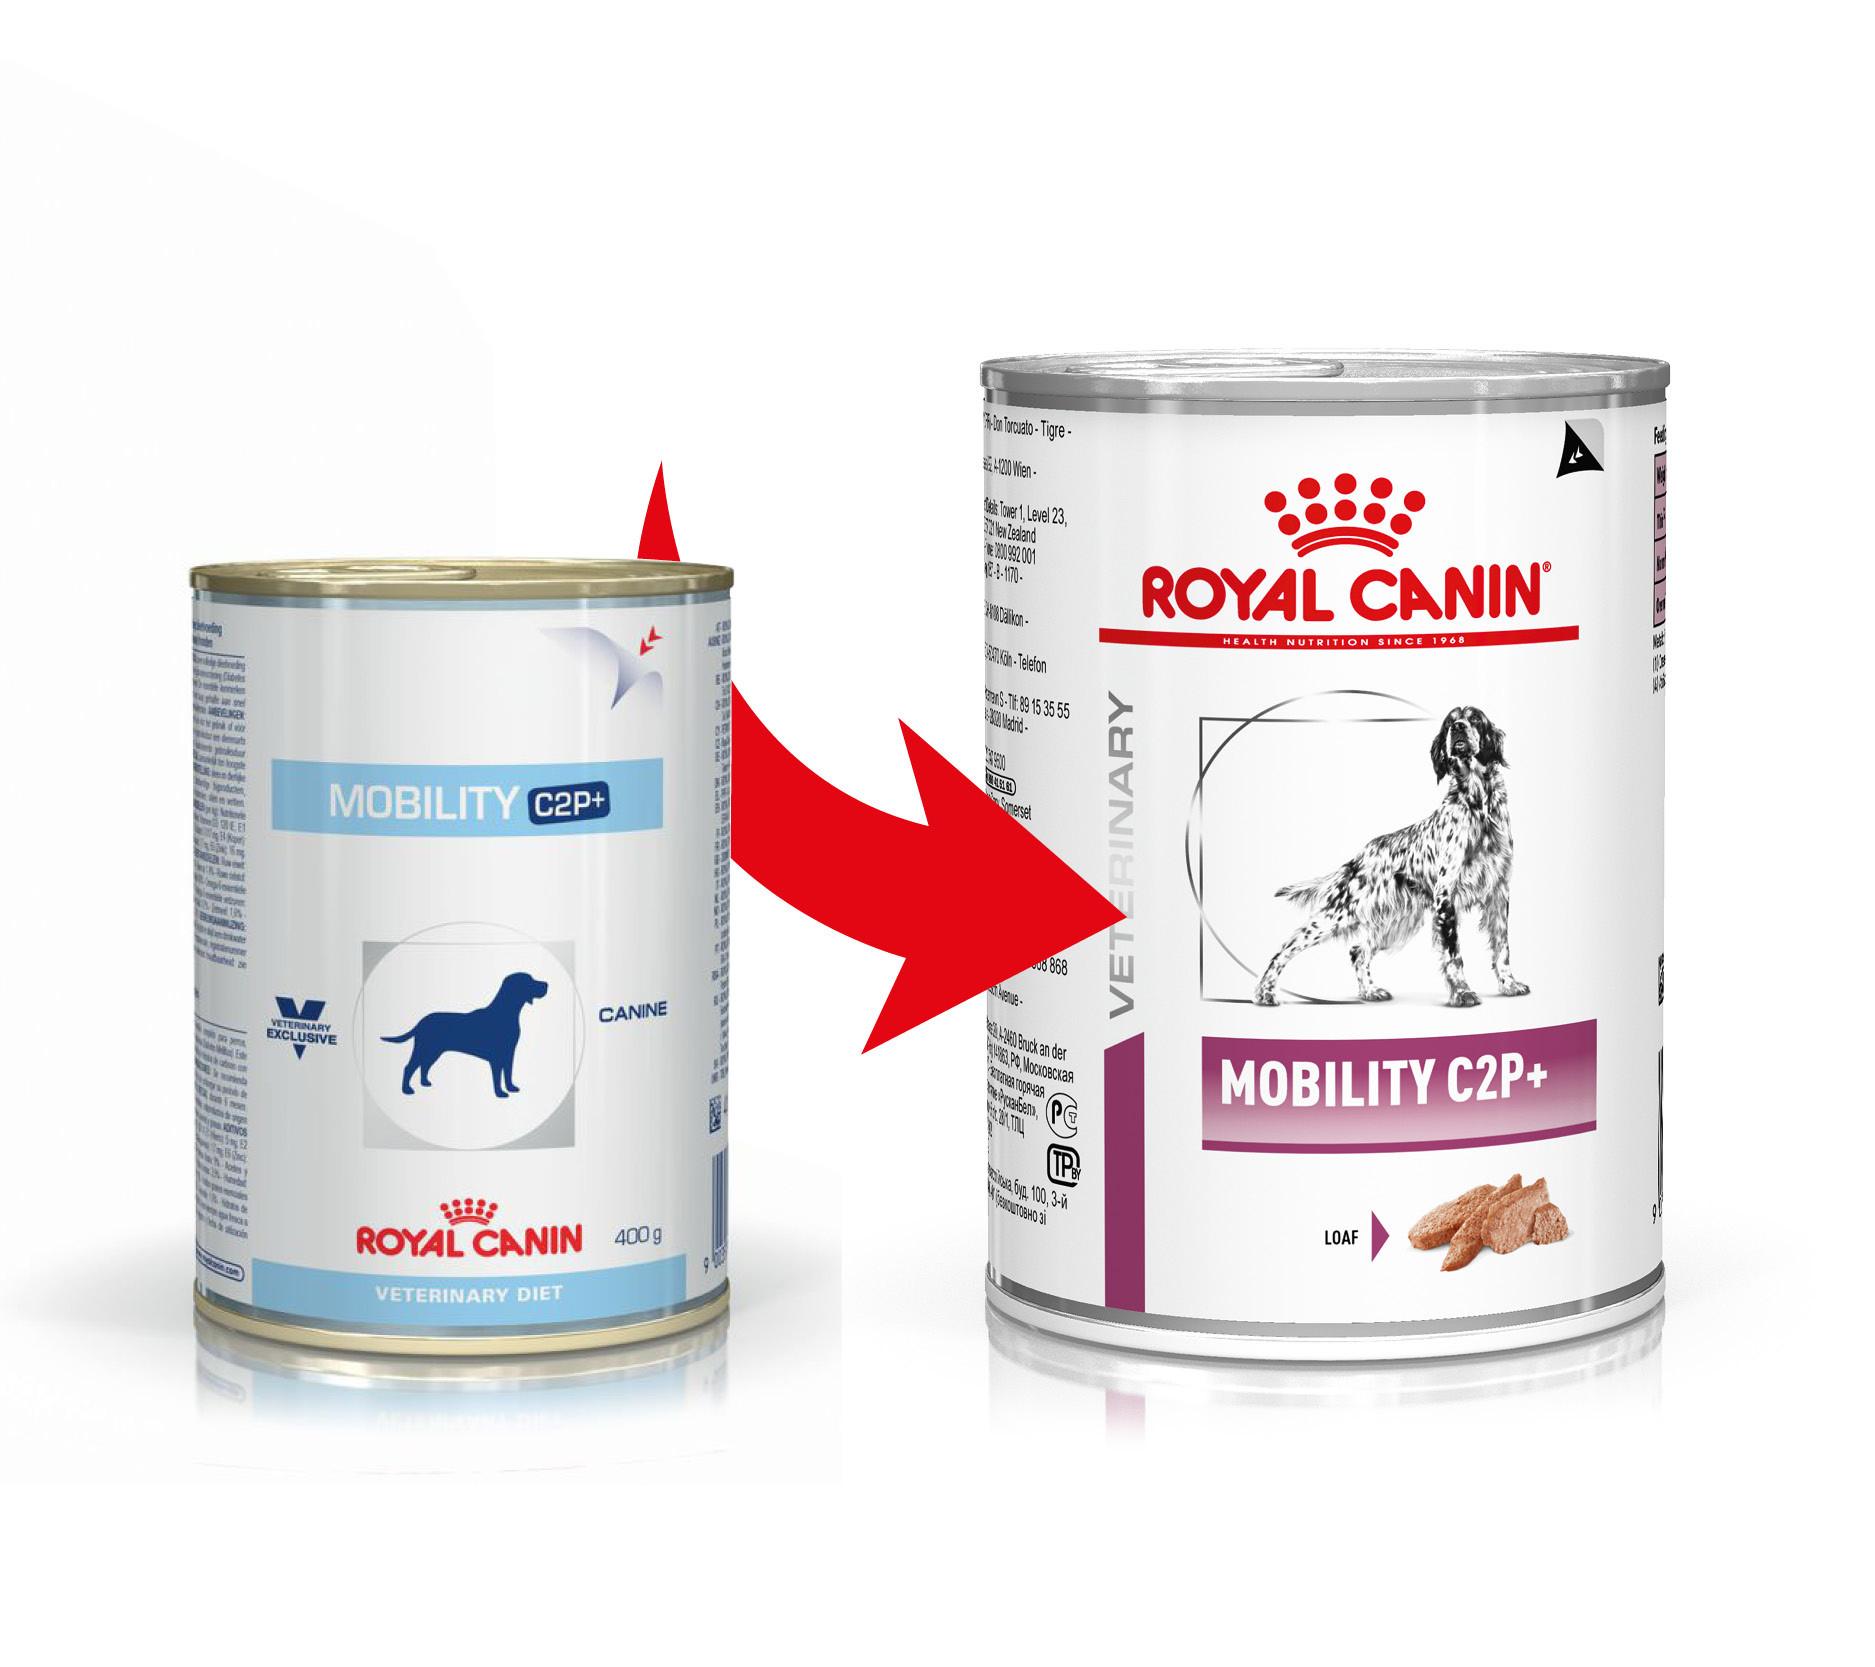 Royal Canin Veterinary Diet Mobility C2P+ Hundefutter (Dosen) 400g